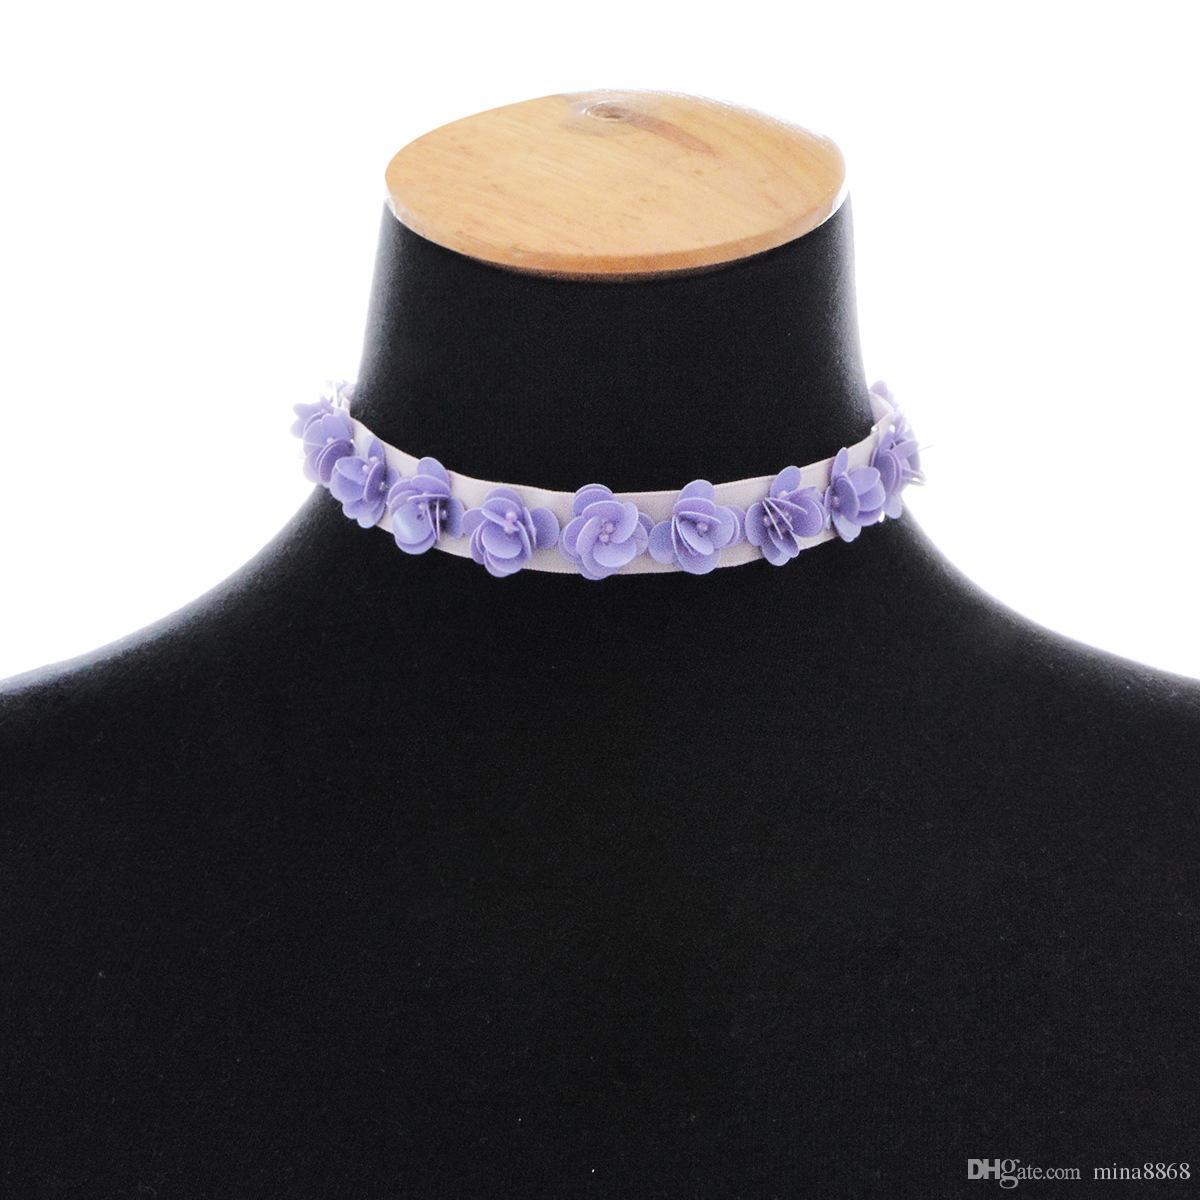 Collana viola del choker del fiore di nuova progettazione delle signore con la collana del collare di fascino del fiore della camelia il commercio all'ingrosso dei monili delle donne